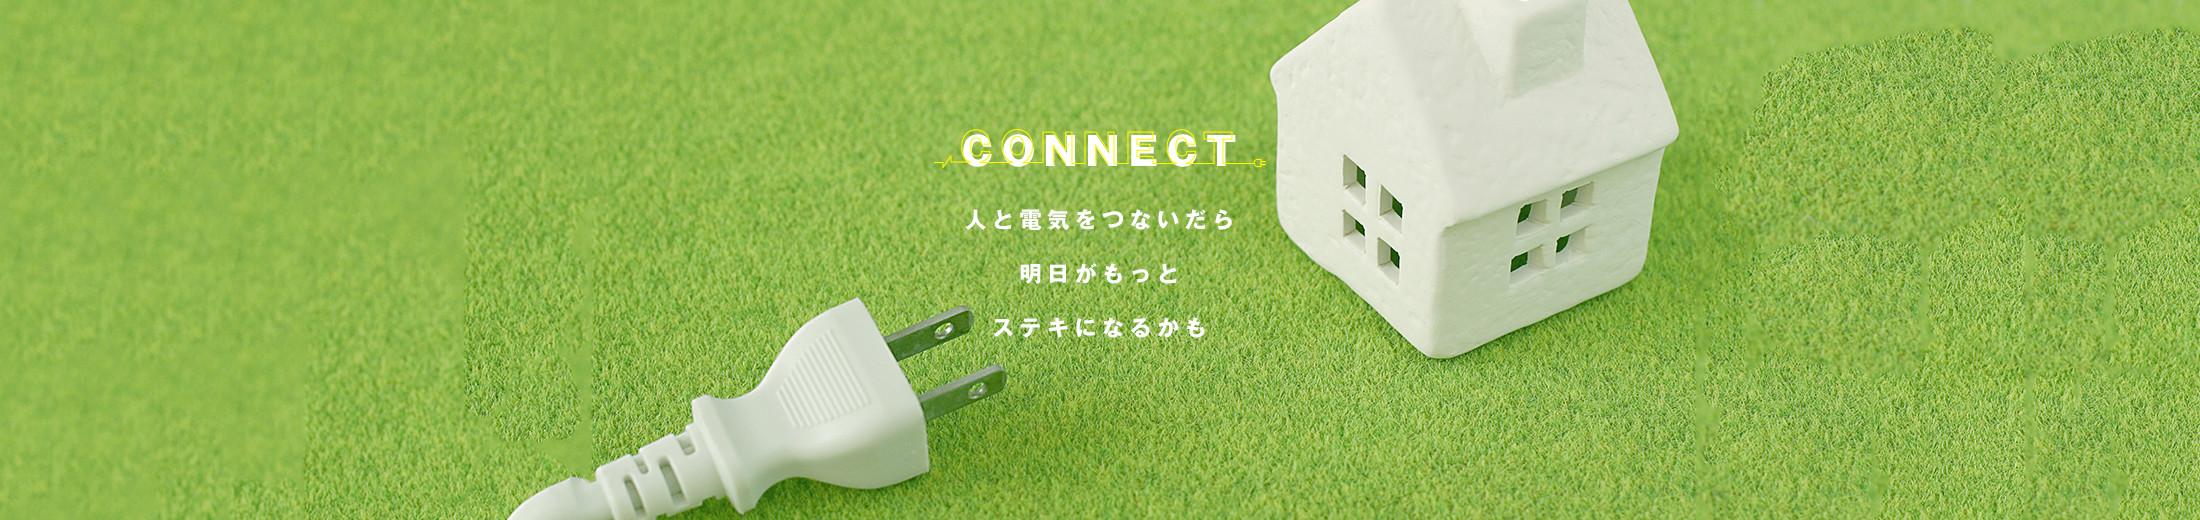 CONNECT|人と電気をつないだら 明日がもっと ステキになるかも